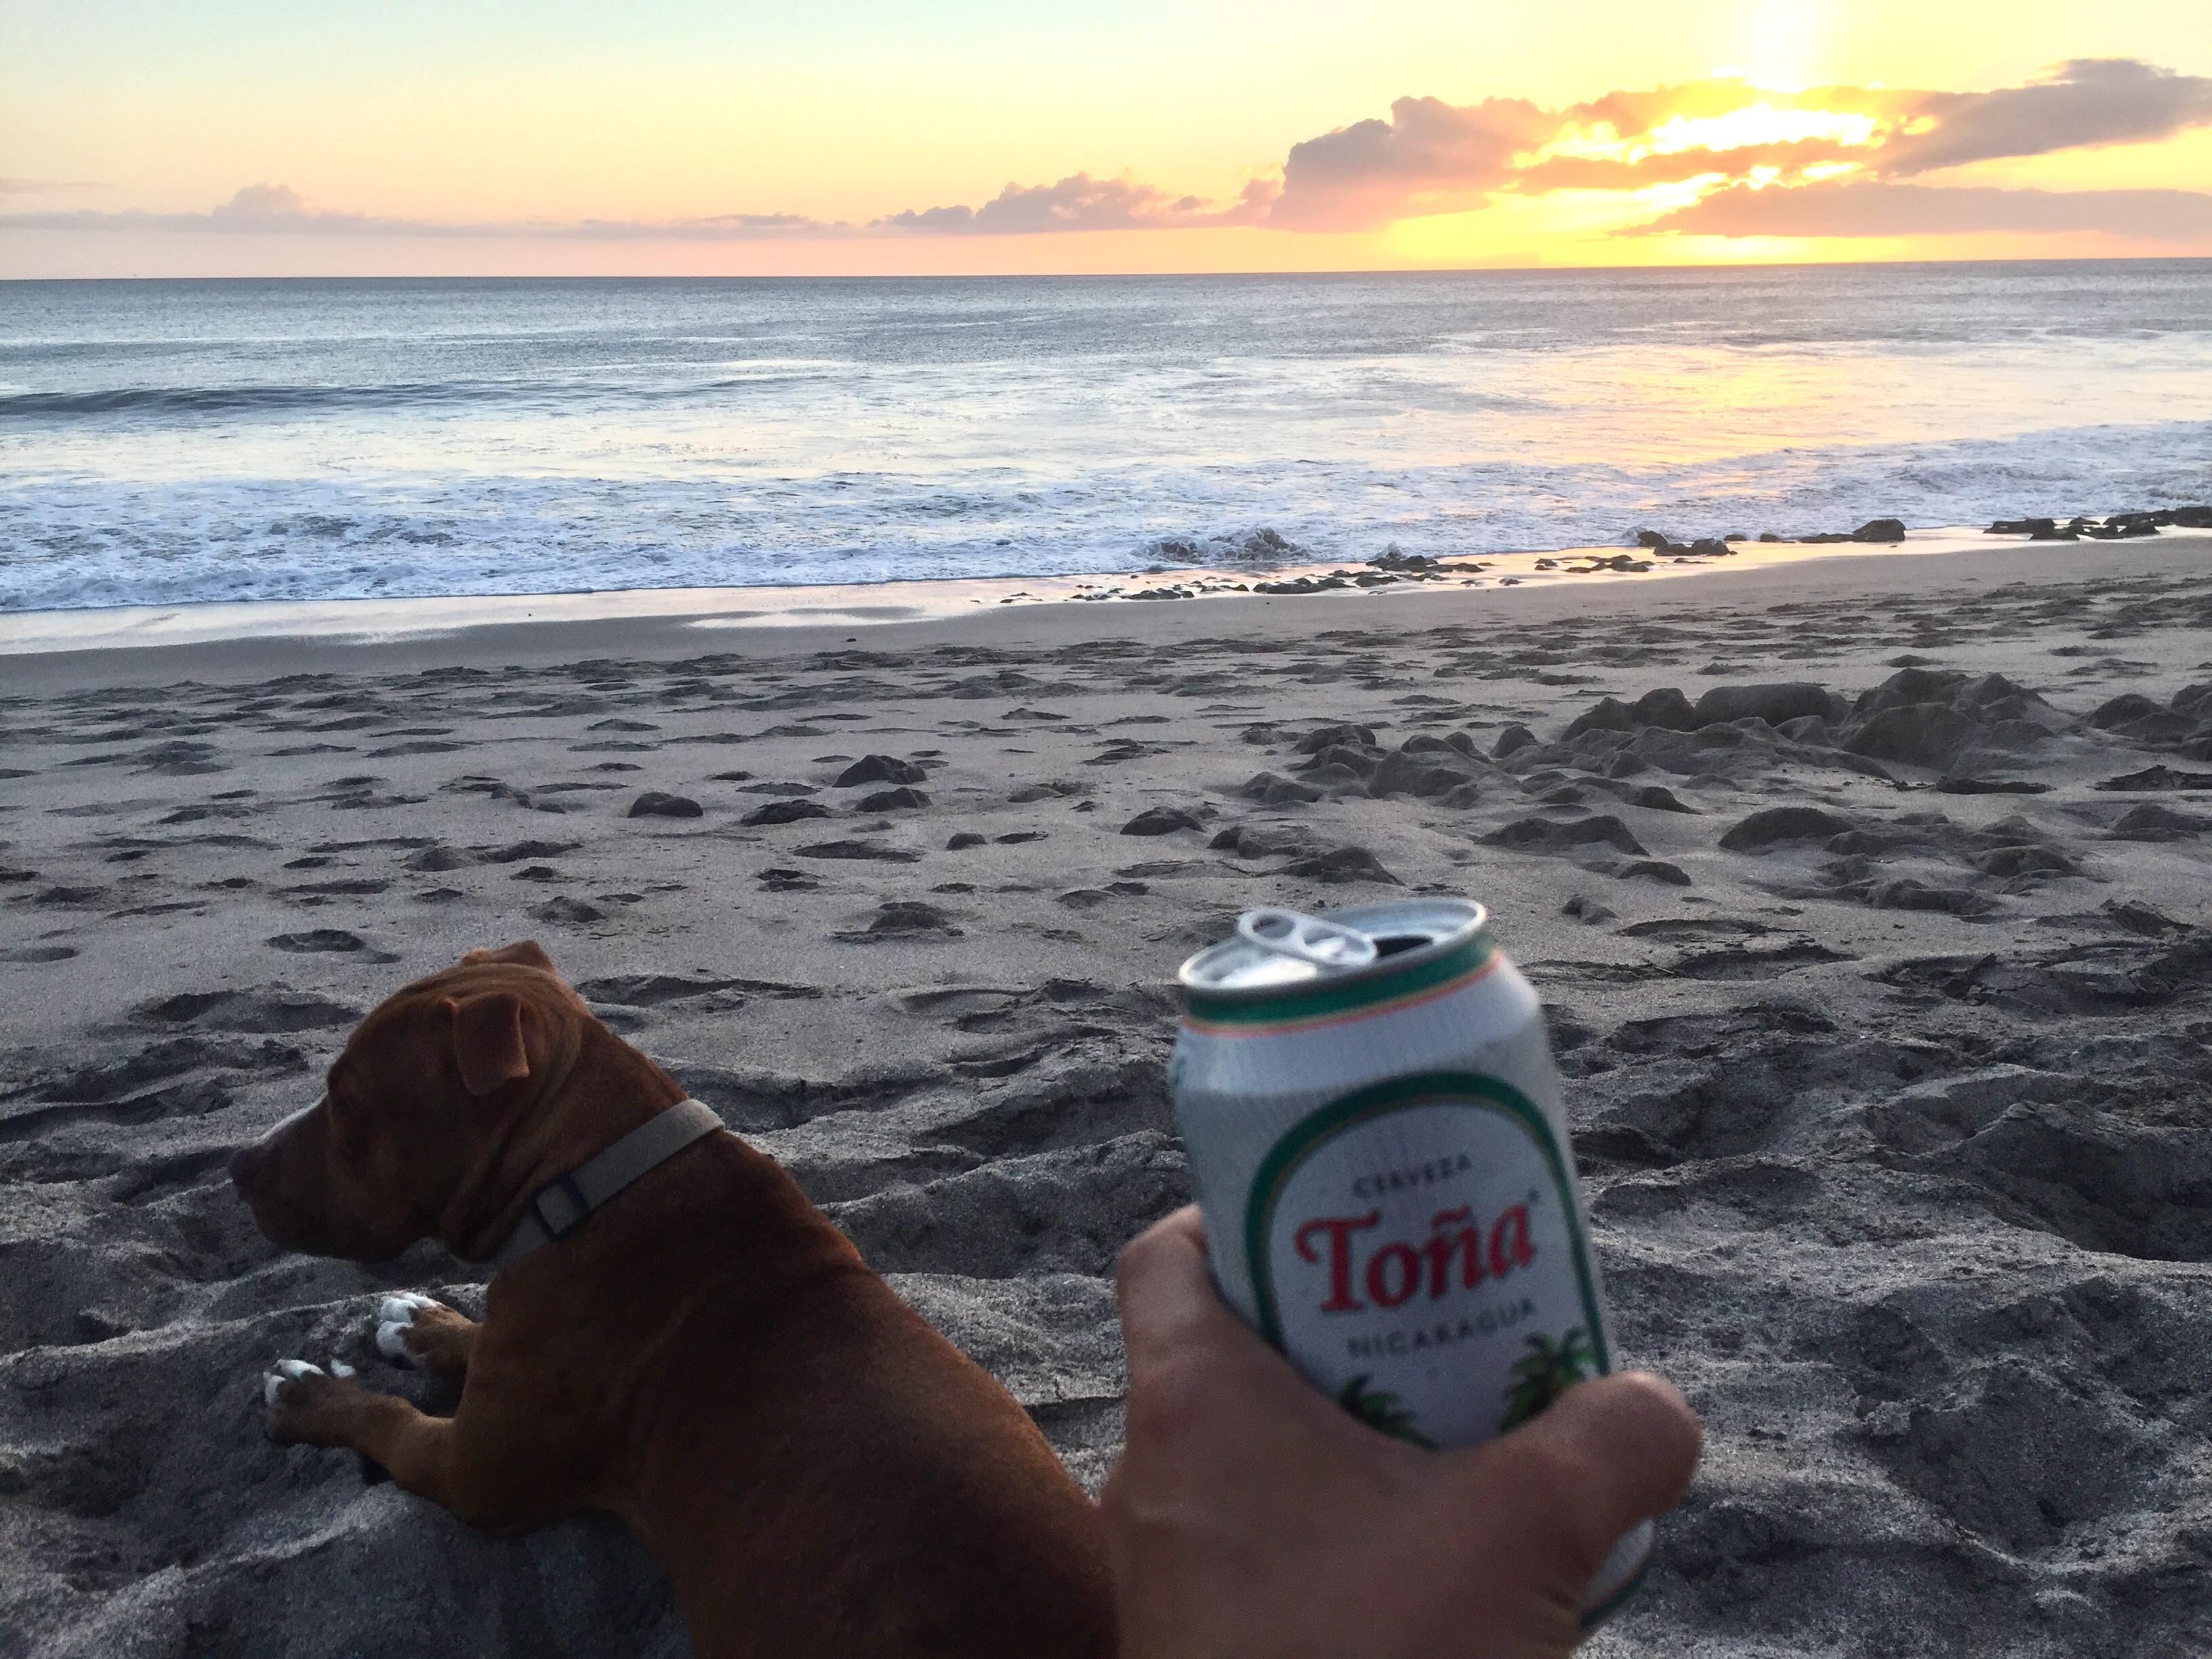 nicaragua voyage plage belle vie bière